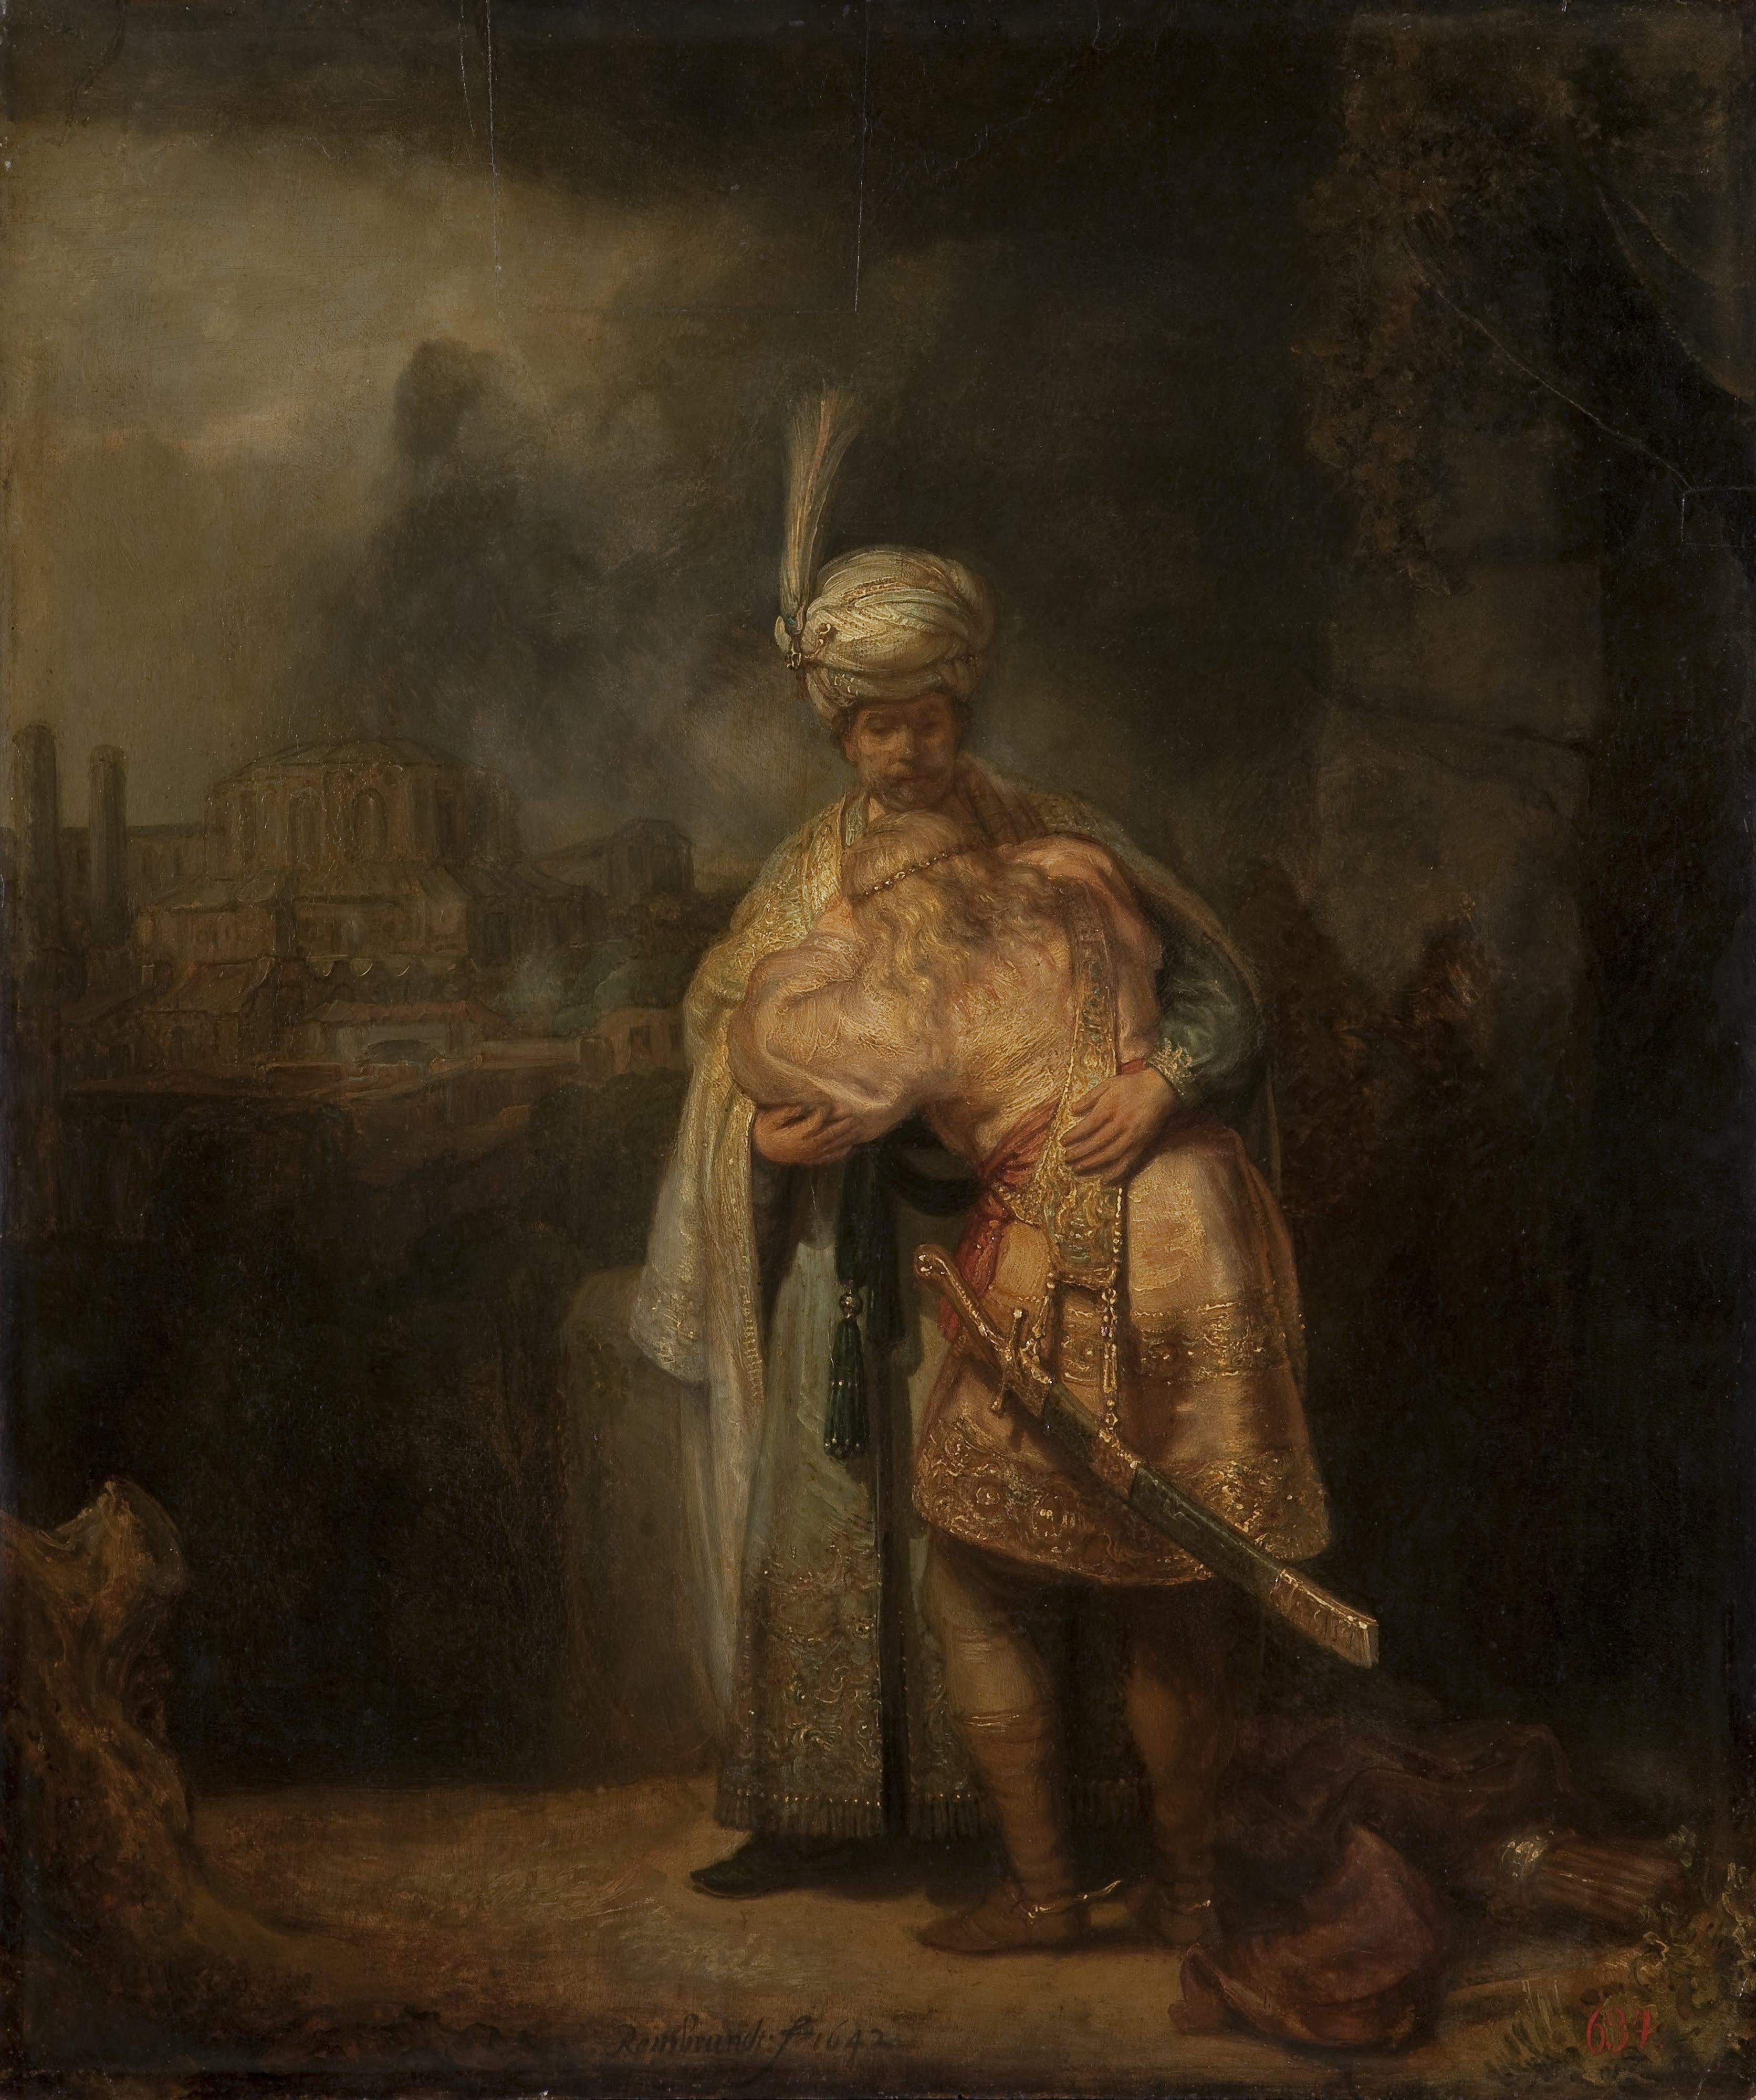 Прощание Давида с Йонатанам. Рембрандт Гарменс ван Рейн, 1642. (Государственный Эрмитаж, Санкт-Петербург)